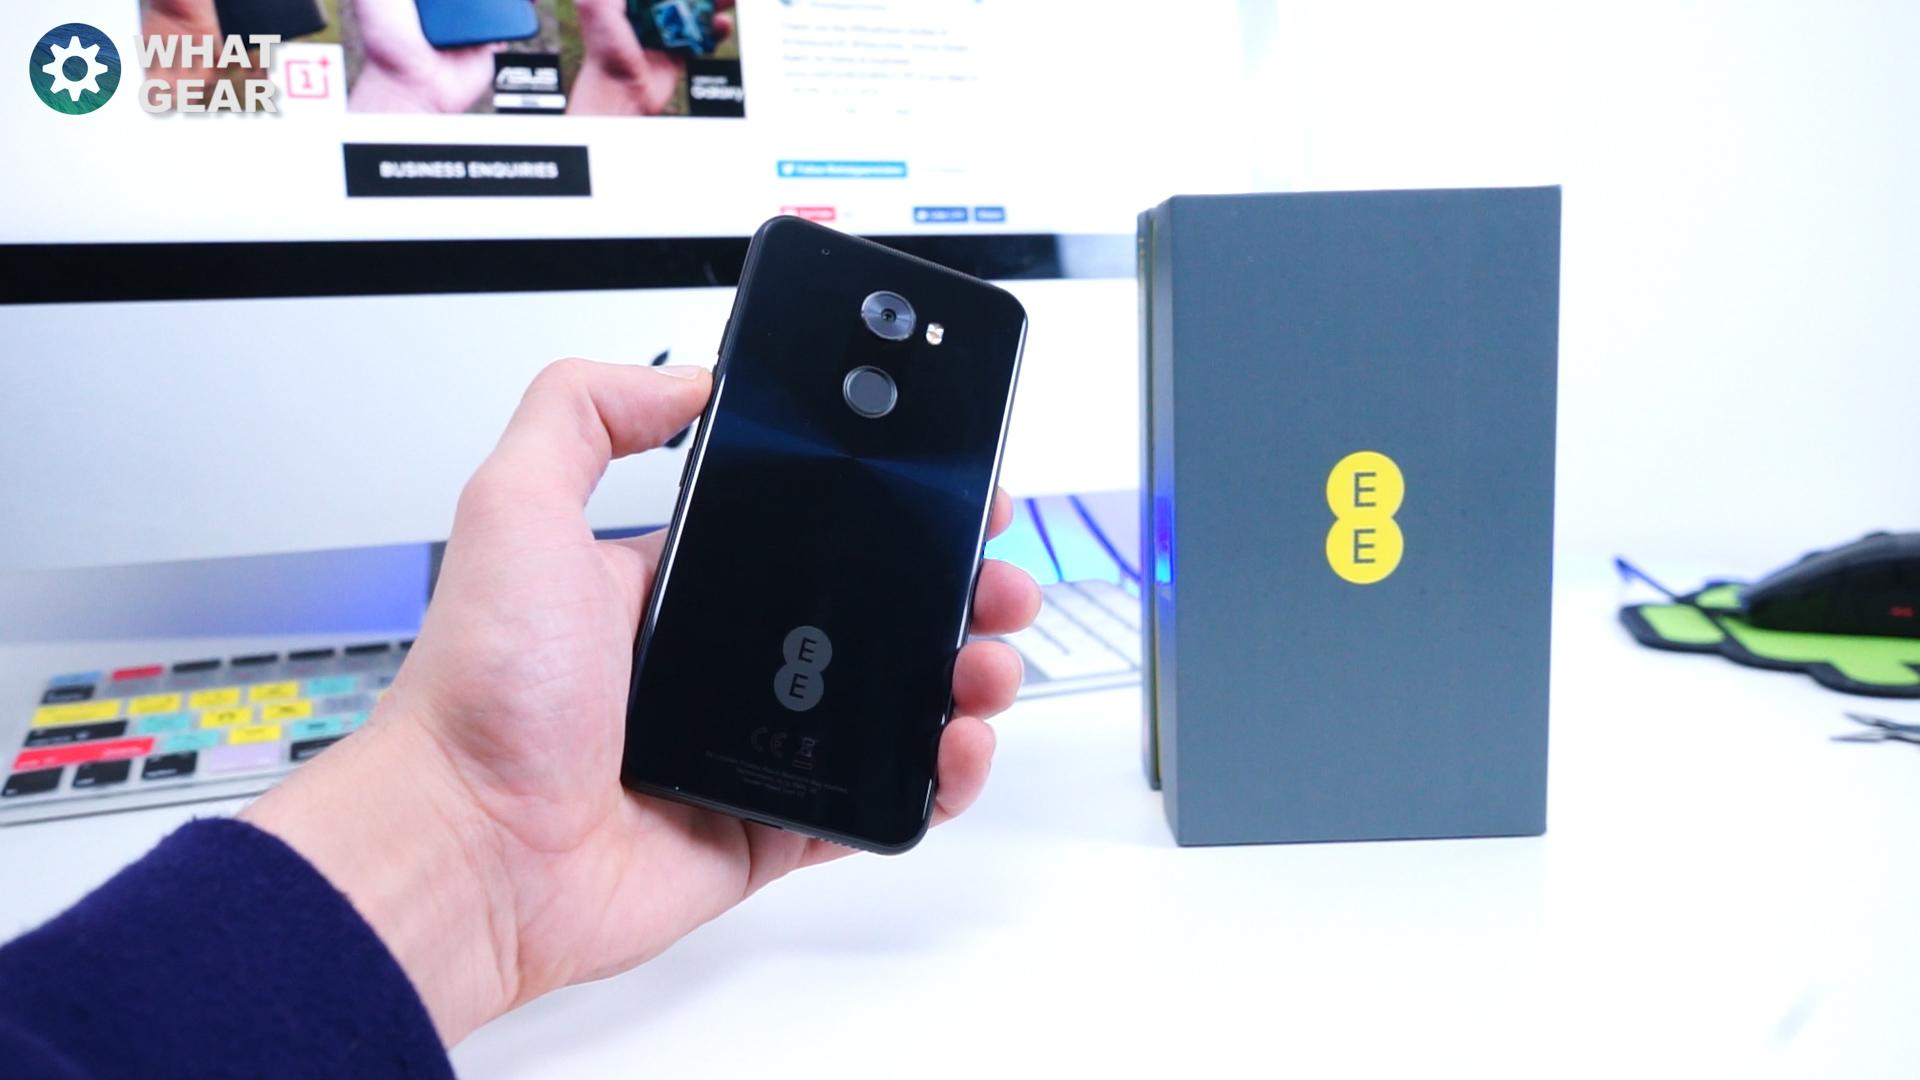 ee hawk phone design.jpg